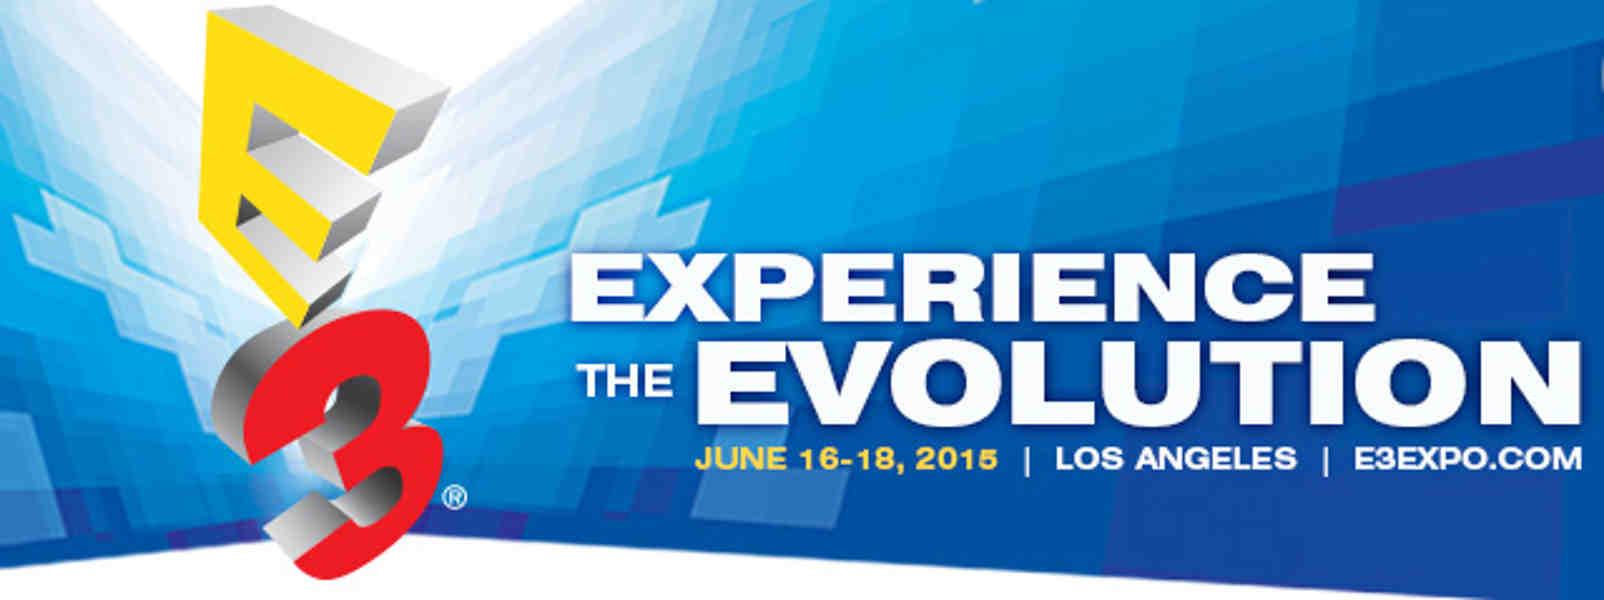 Auf der E3 Expo in Los Angeles präsentierte sich Gaming-Größen wie Microsoft oder Sony. Auf der E3 Expo in Los Angeles präsentierte sich Gaming-Größen wie Microsoft oder Sony.